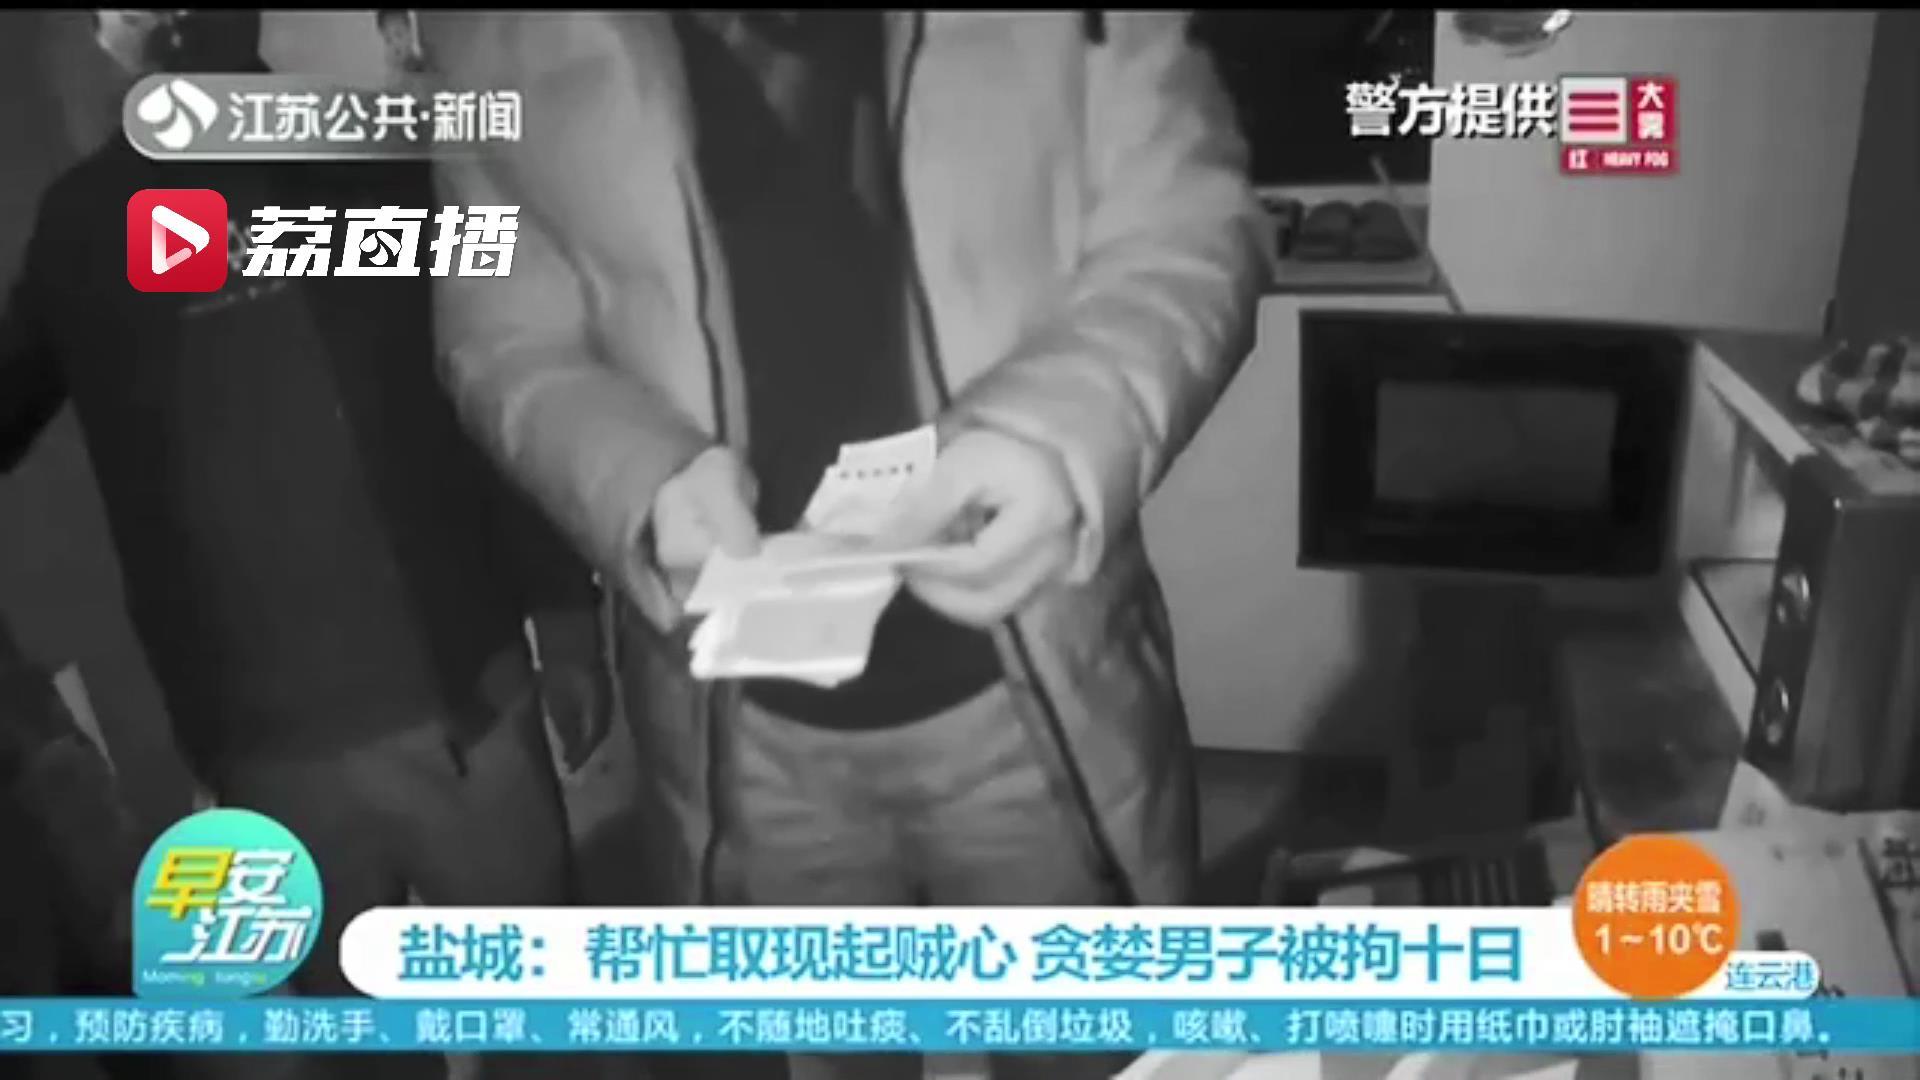 男子帮老人取现起贪念 先多取钱再只给老人需要的800元 后果:被拘十日